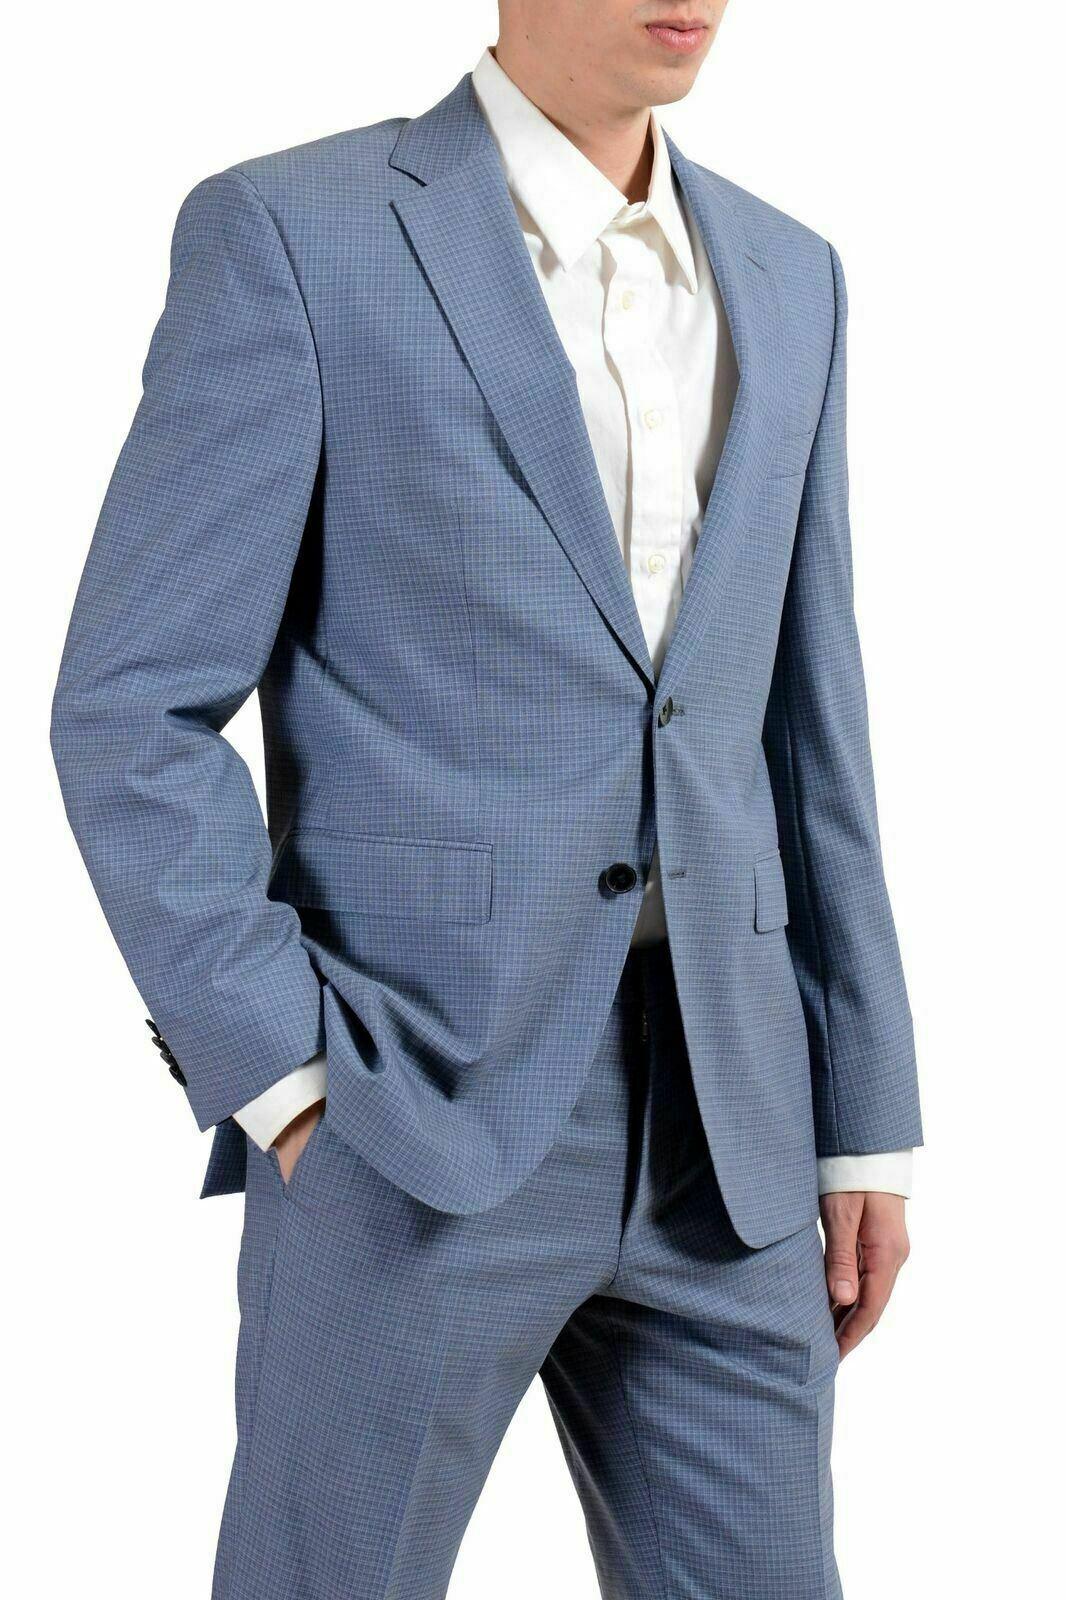 Hugo Boss Boss Boss   Phönix Madisen   Herren 100% Wolle Zwei Knopfen Anzug Us 38r It  | New Product 2019  | Guter Markt  | Qualität  07ecf6